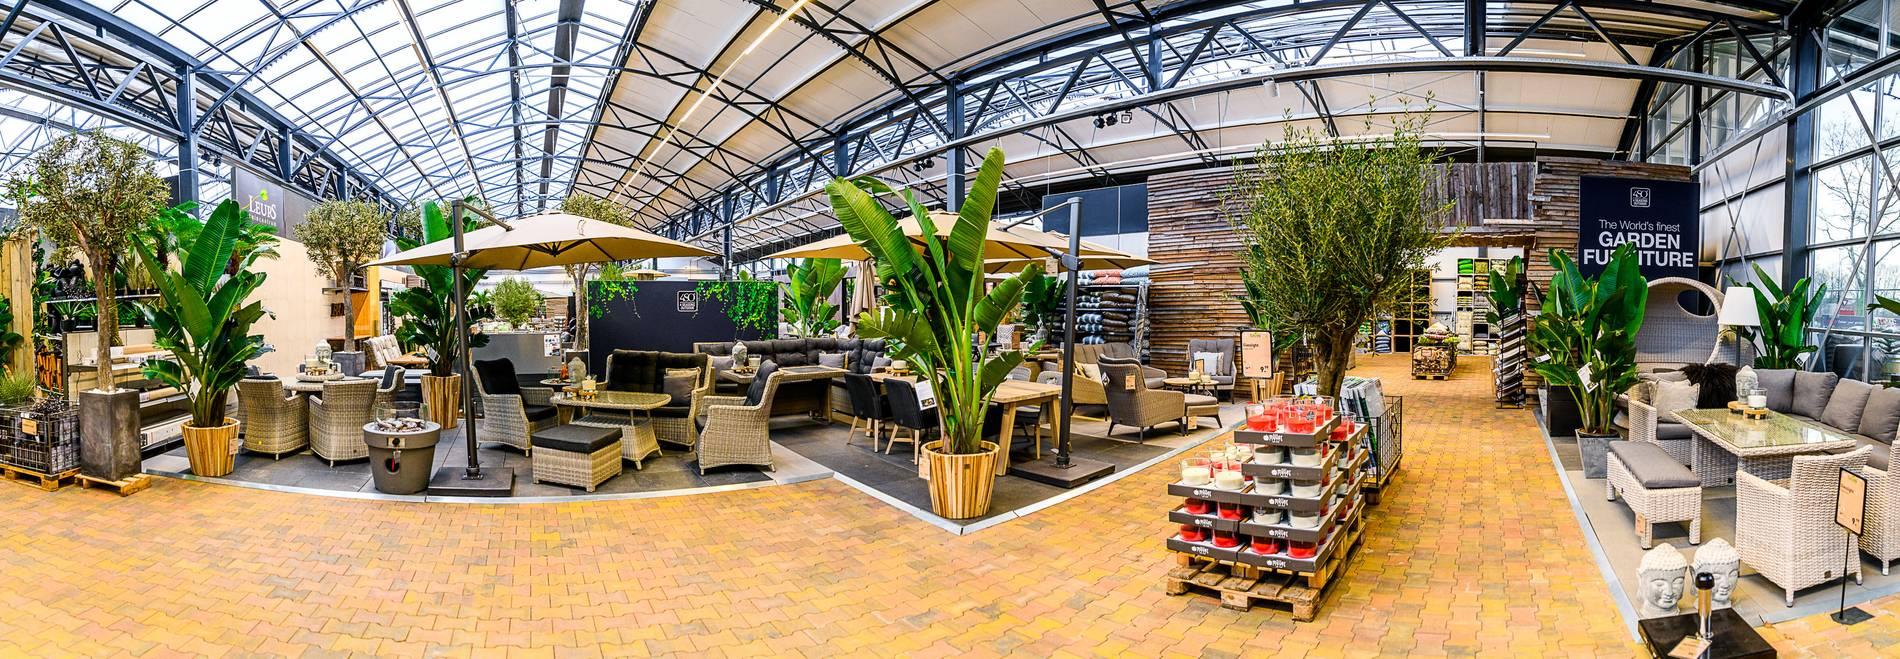 Gartencenter Leurs: Die größte Gartenmöbel-Ausstellung in